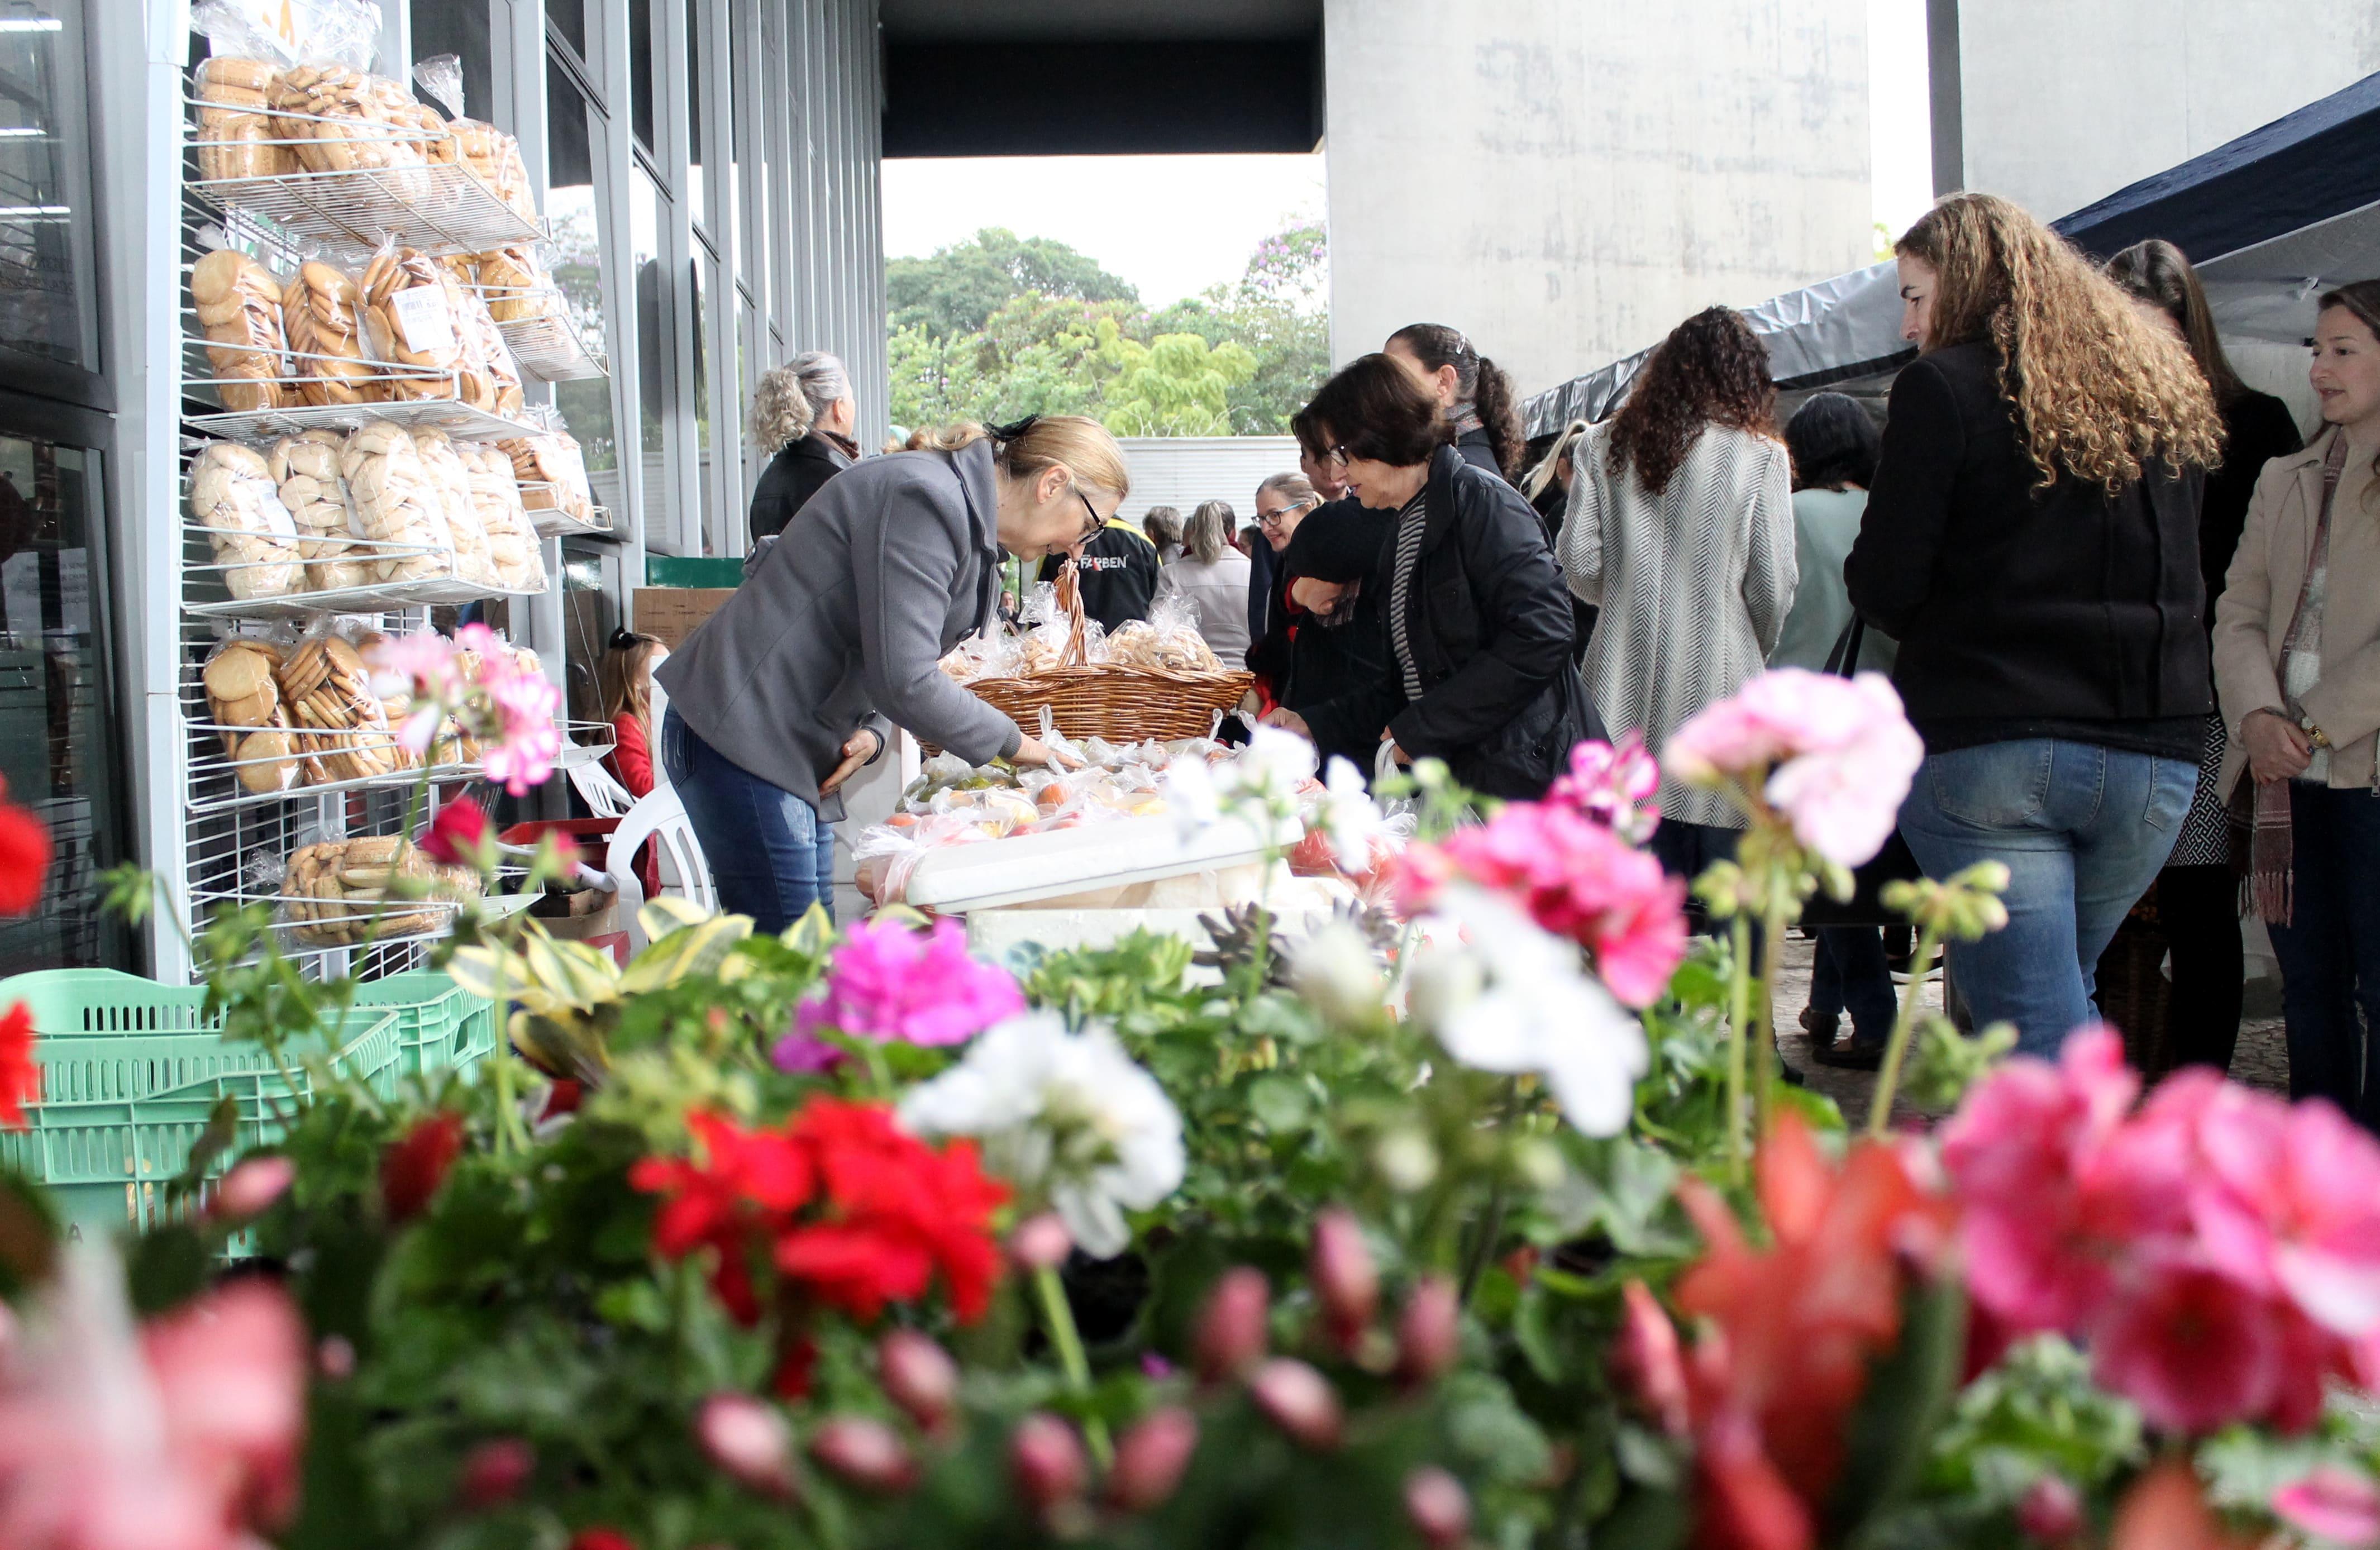 Parceria entre Gerência da Agricultura e Shopping Della traz Feirinha Colonial a Criciúma